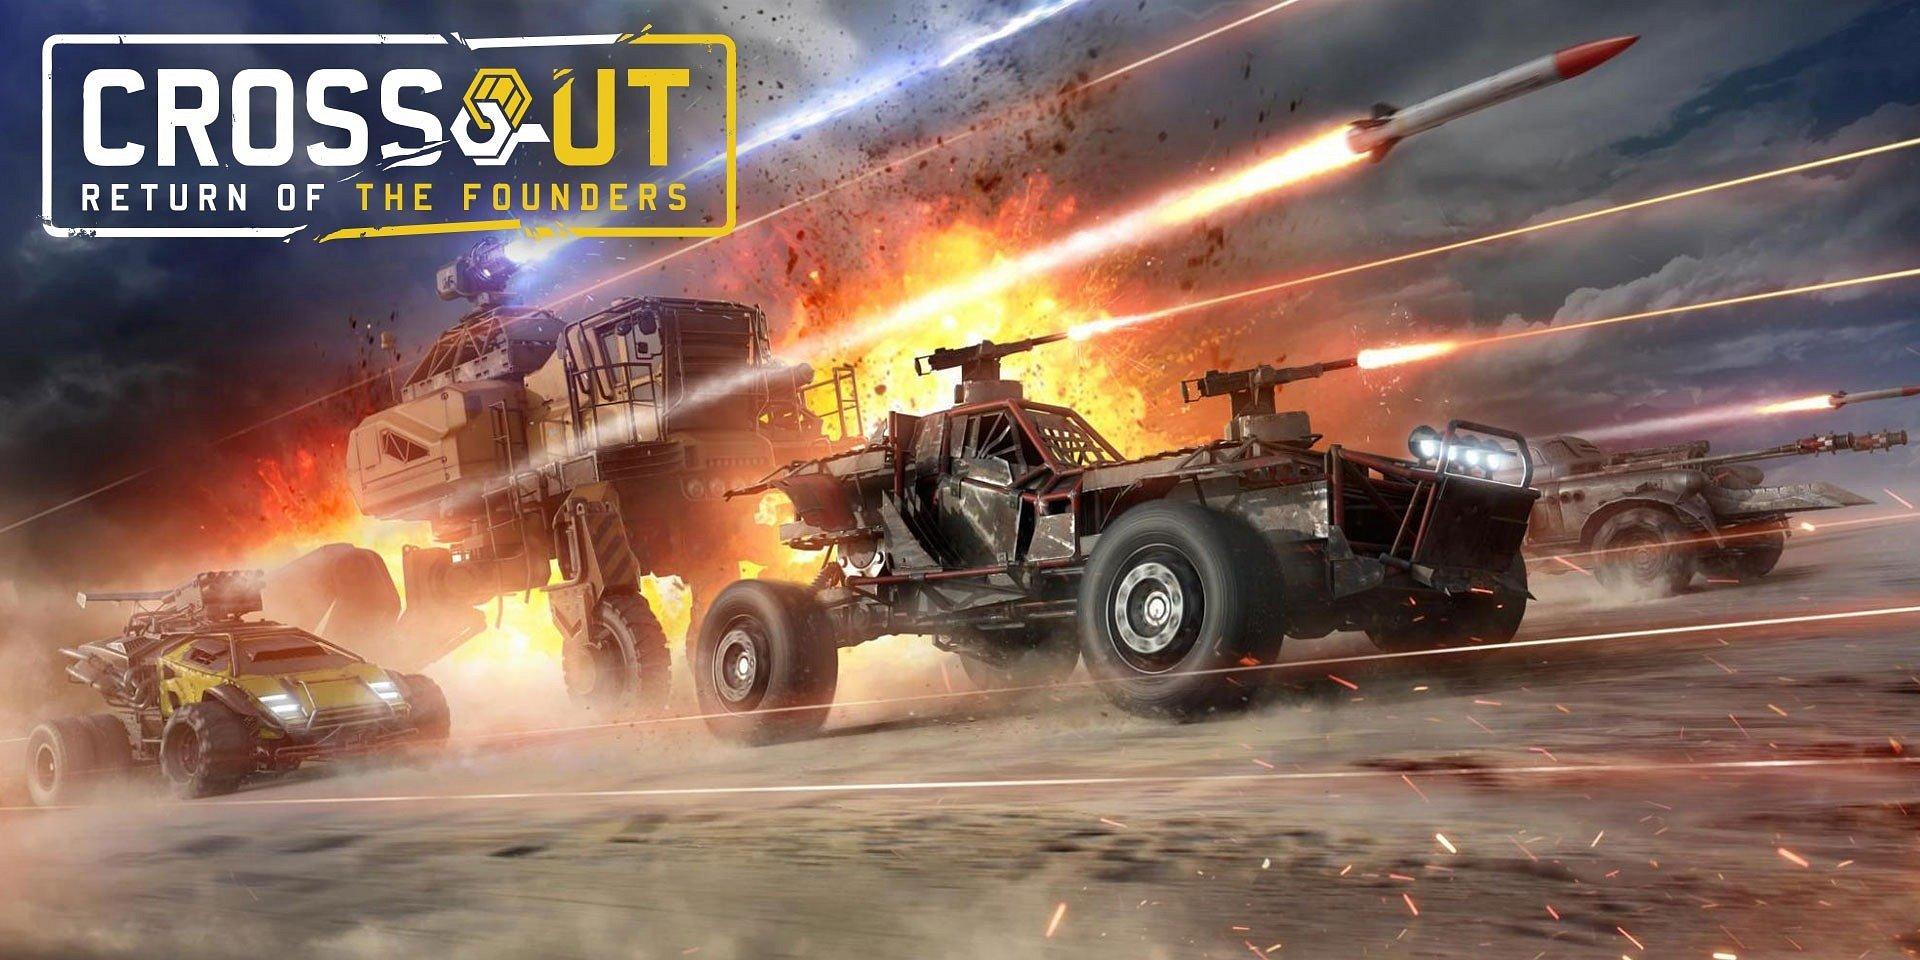 Új frakció csatlakozik a Crossouthoz, ami óriási csata-kotrógépeket és még sok mást hoz magával